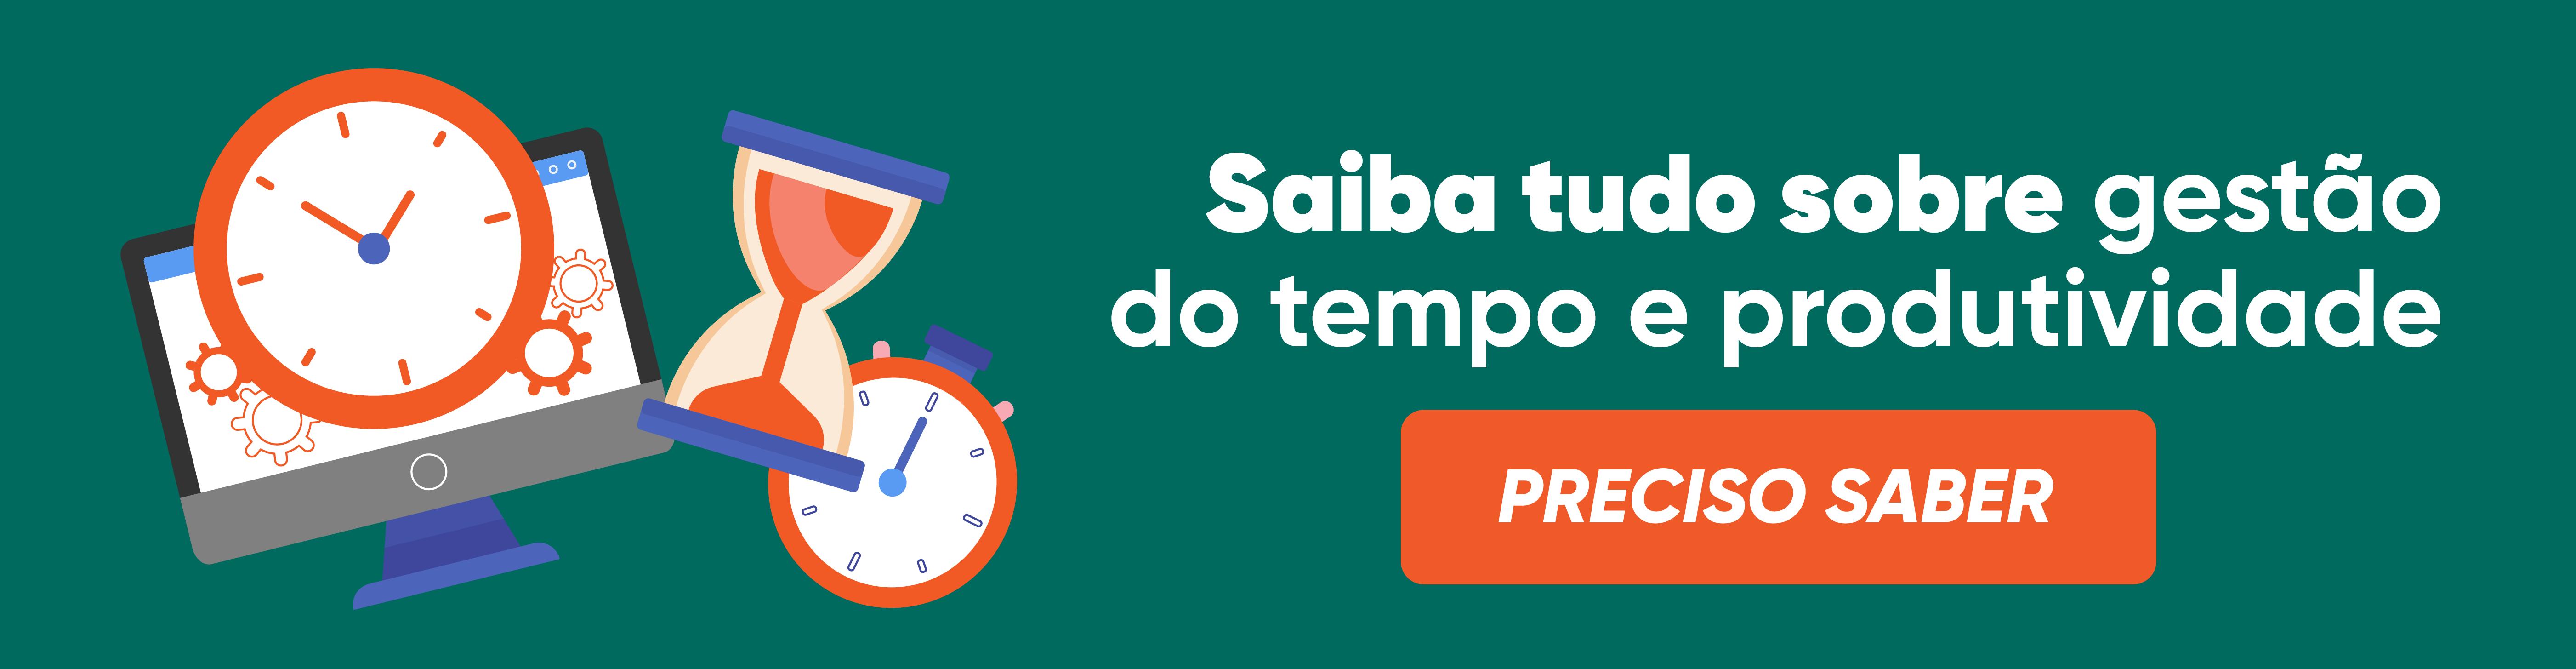 gestao_de_tempo_e_produtividade